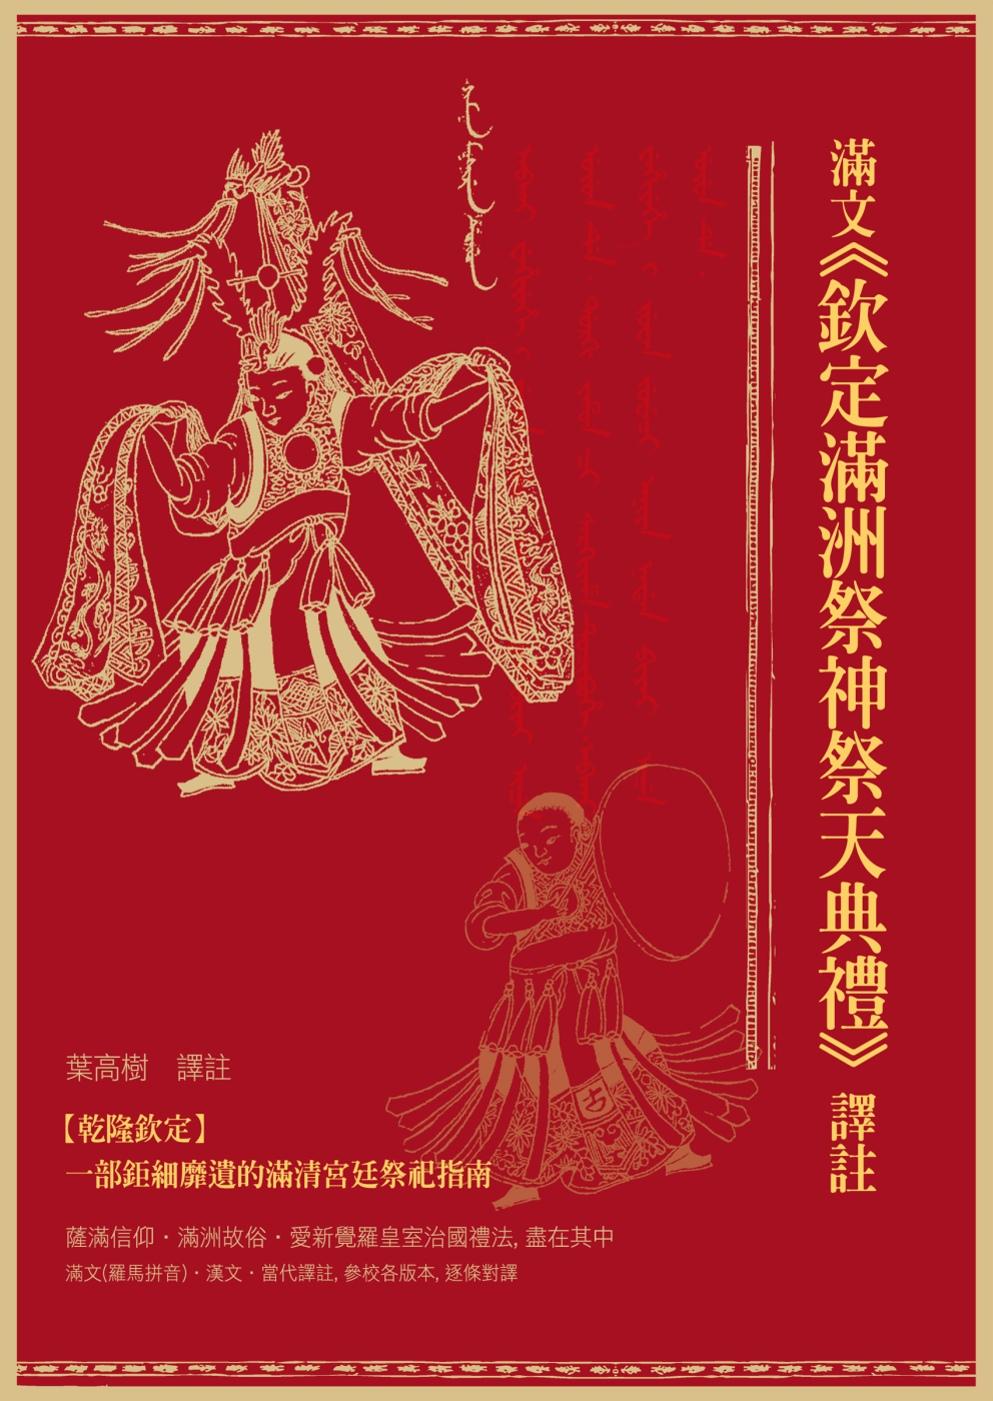 滿文《欽定滿洲祭神祭天典禮》譯註